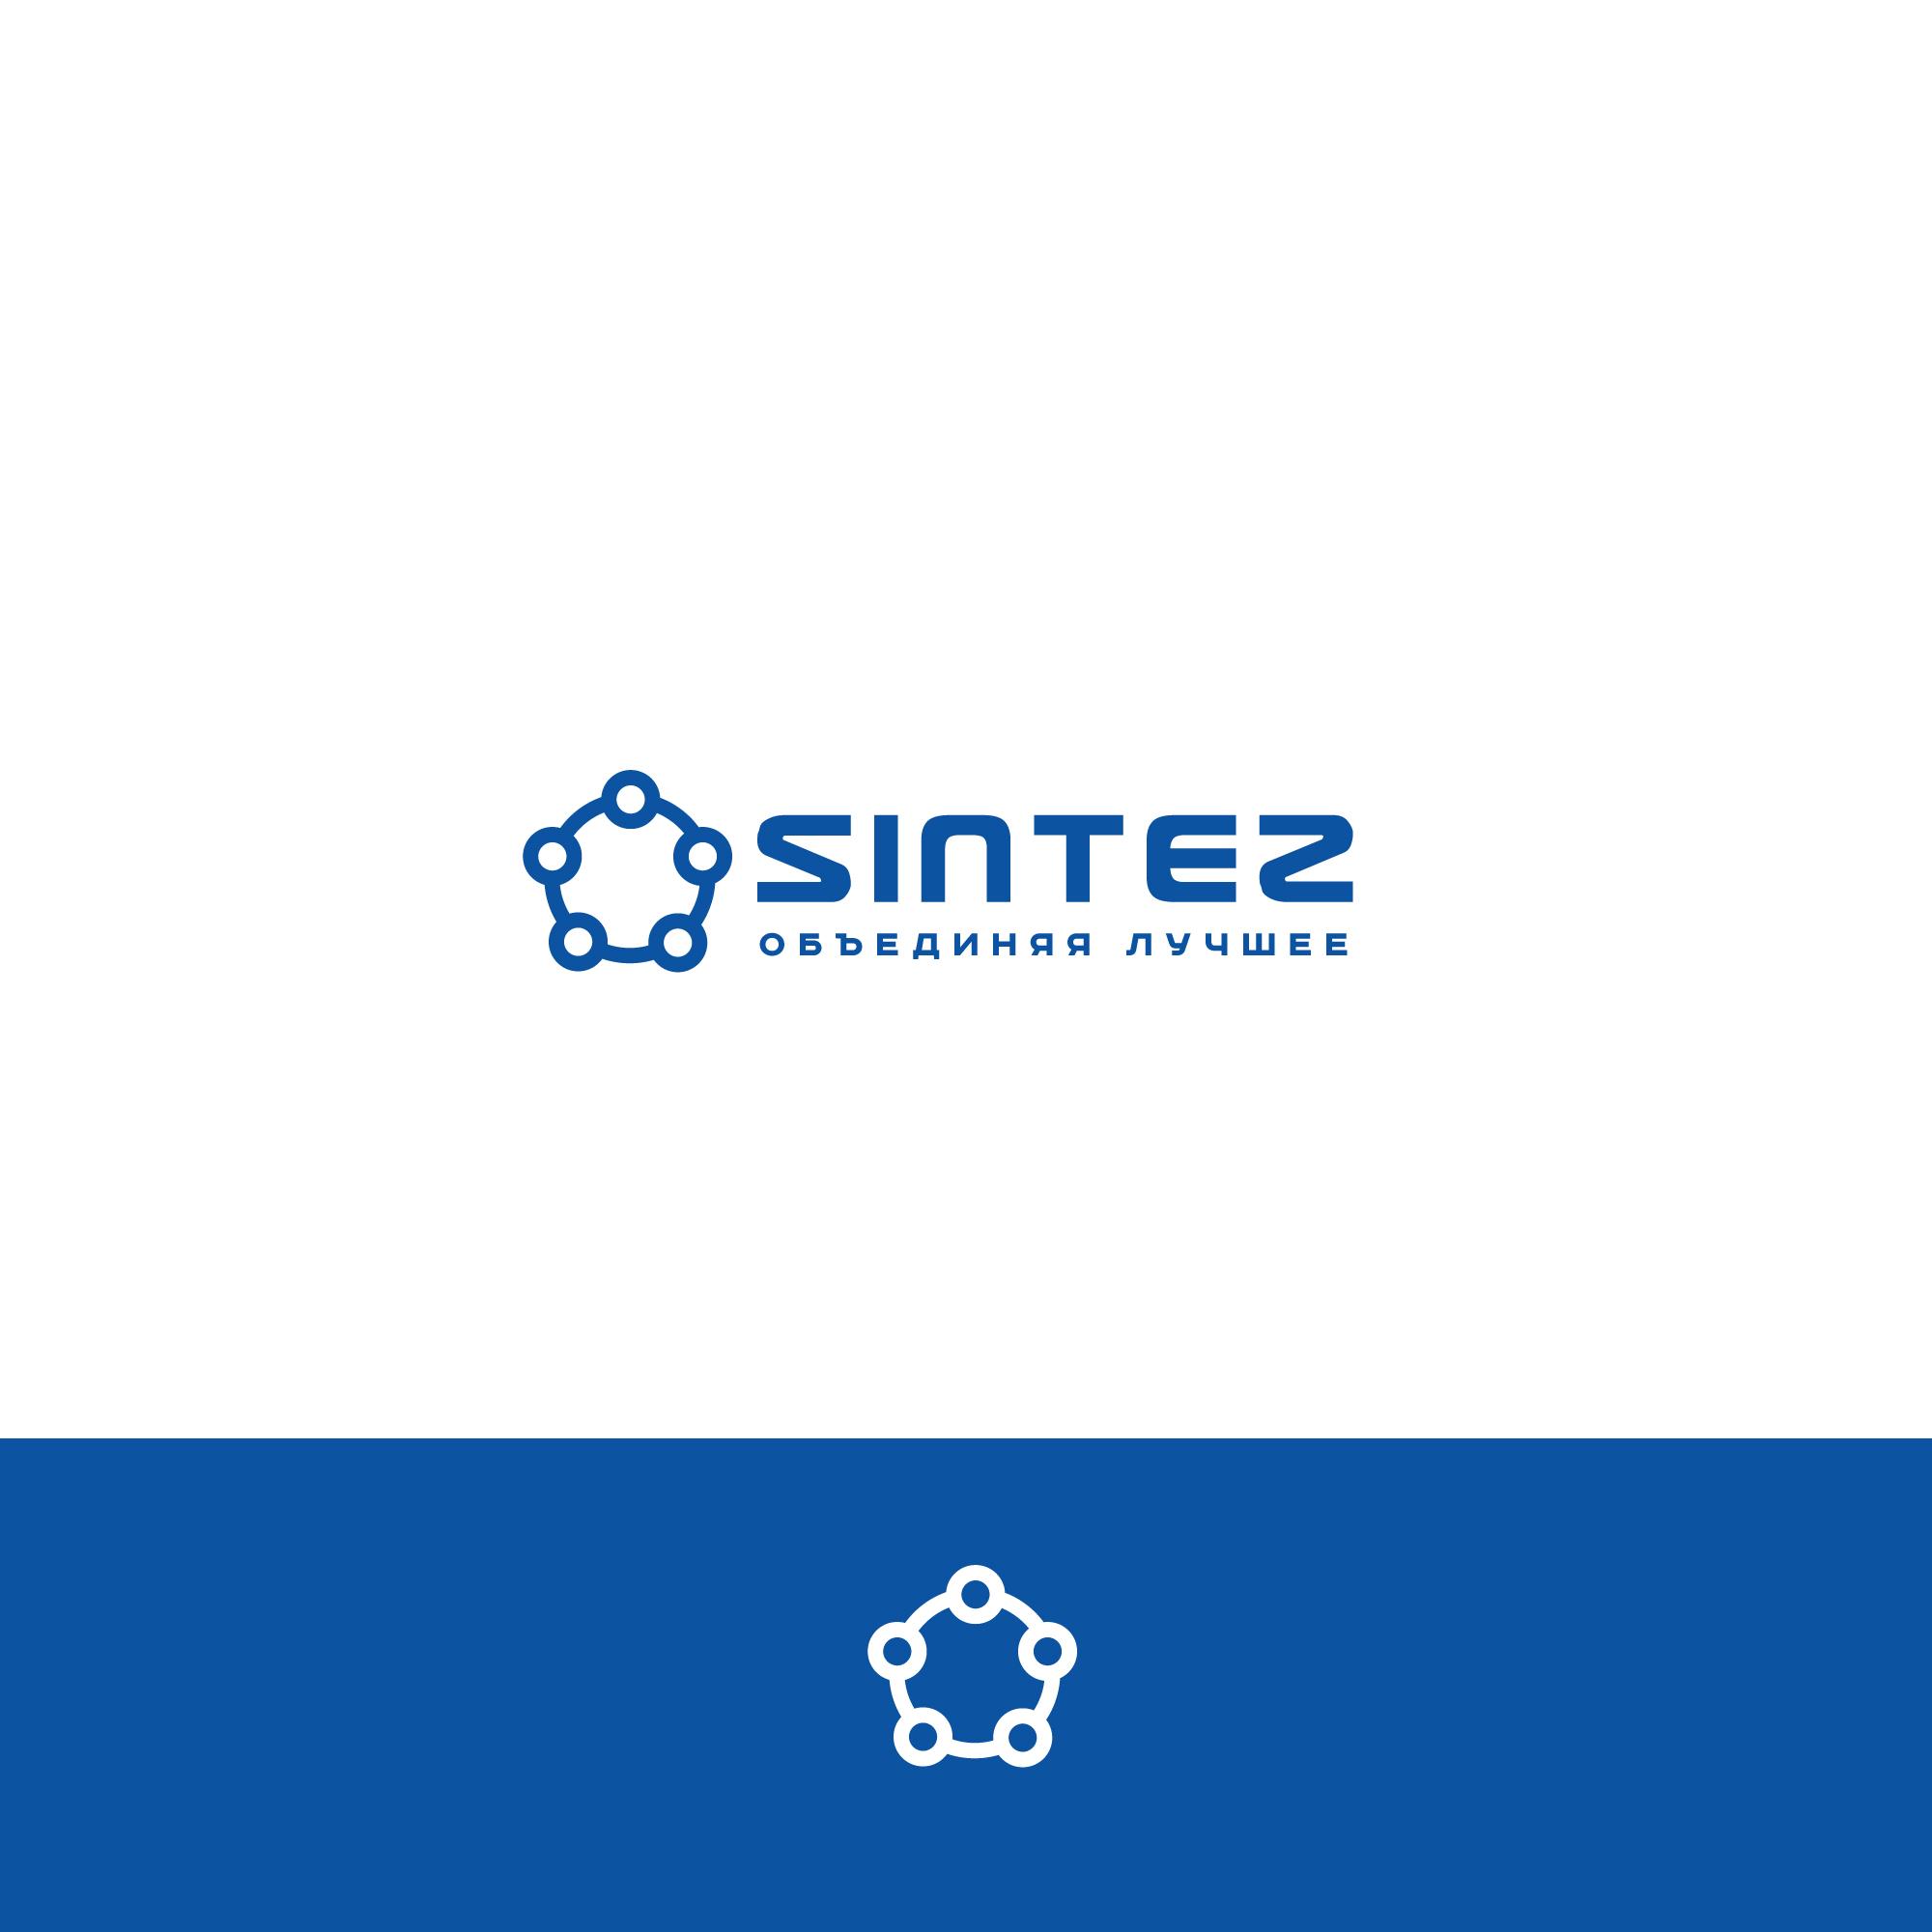 Разрабтка логотипа компании и фирменного шрифта фото f_1995f60e0ce74bfd.jpg